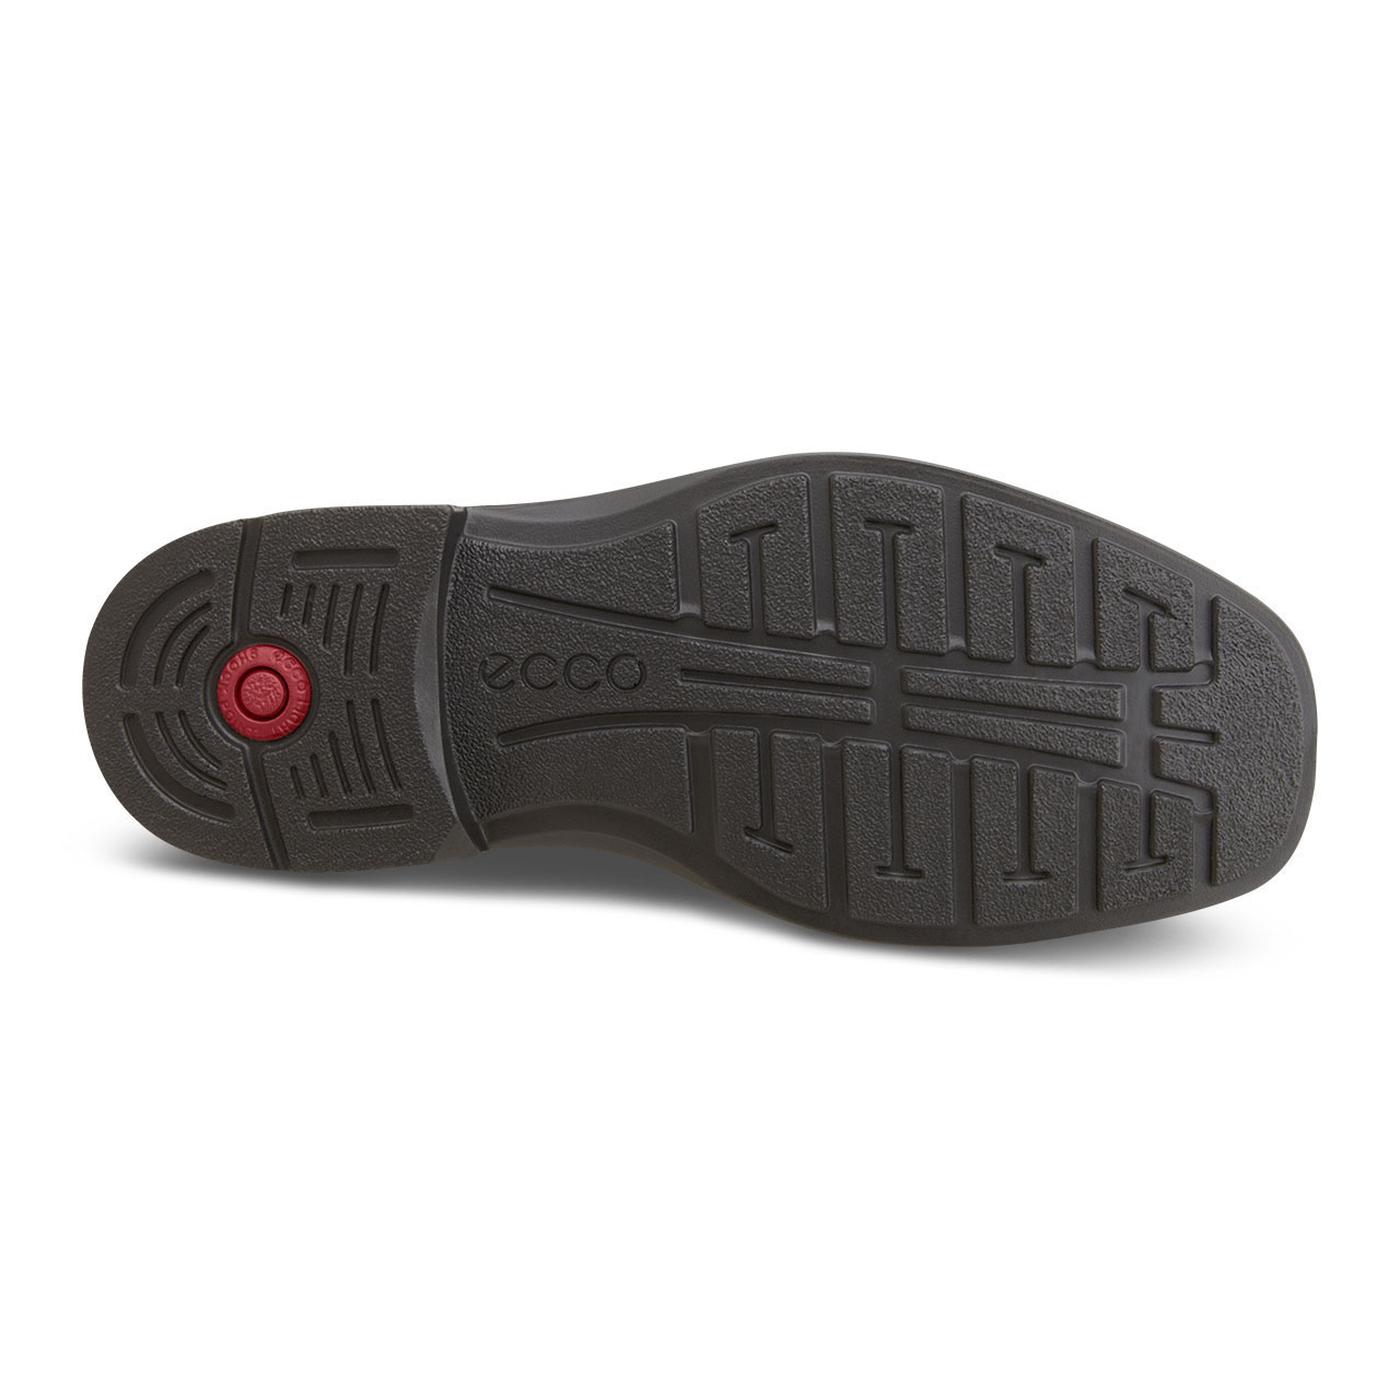 ECCO HELSINKI Shoe